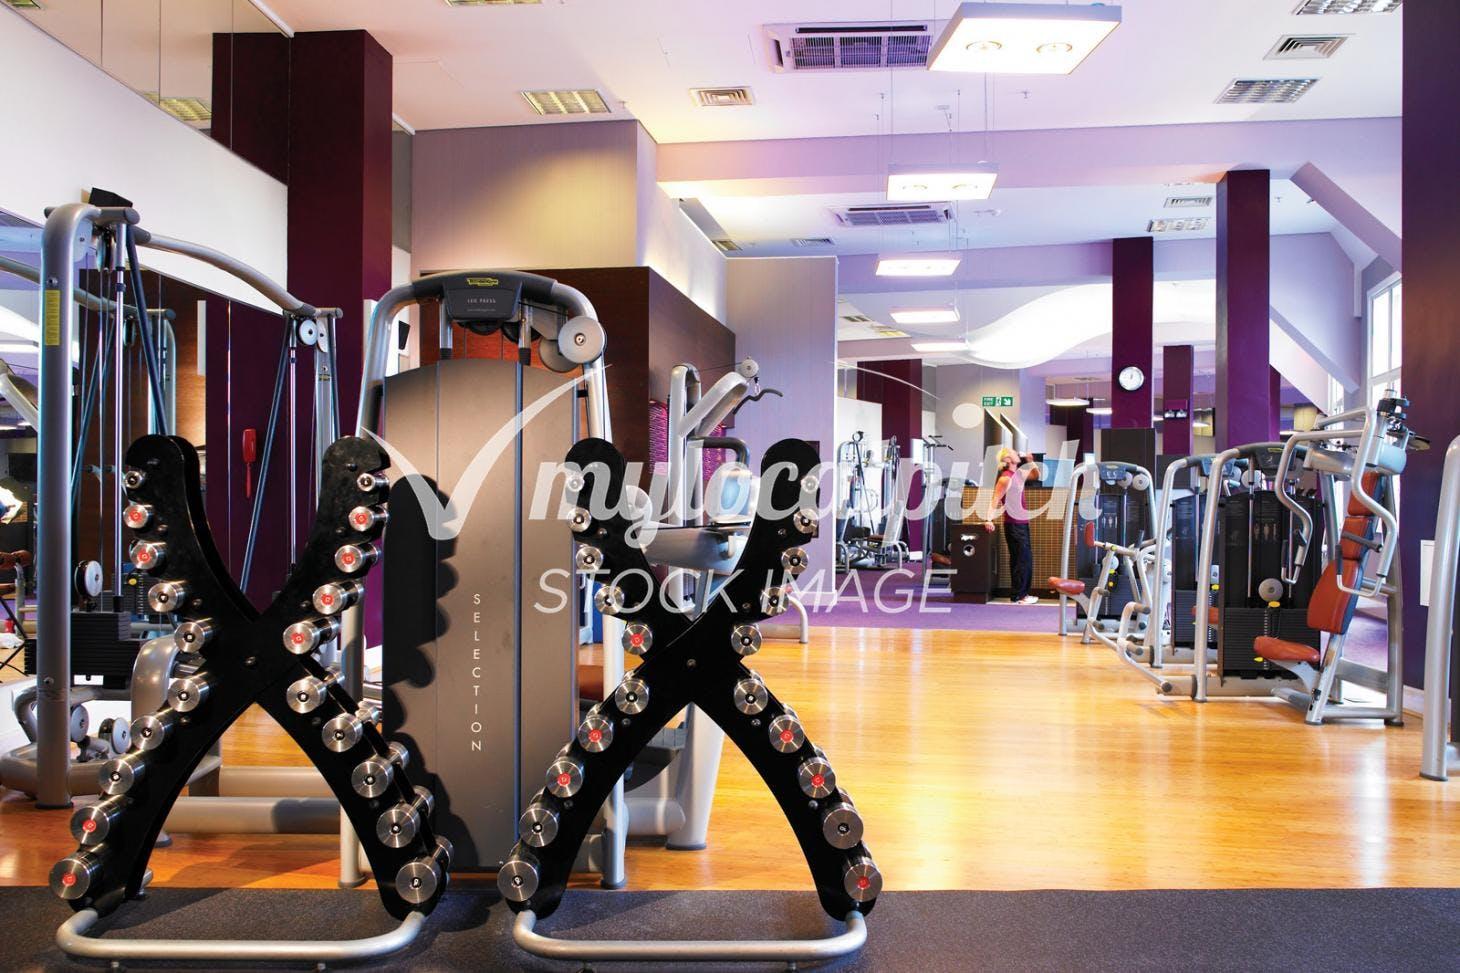 Downham Health & Leisure Centre Gym gym